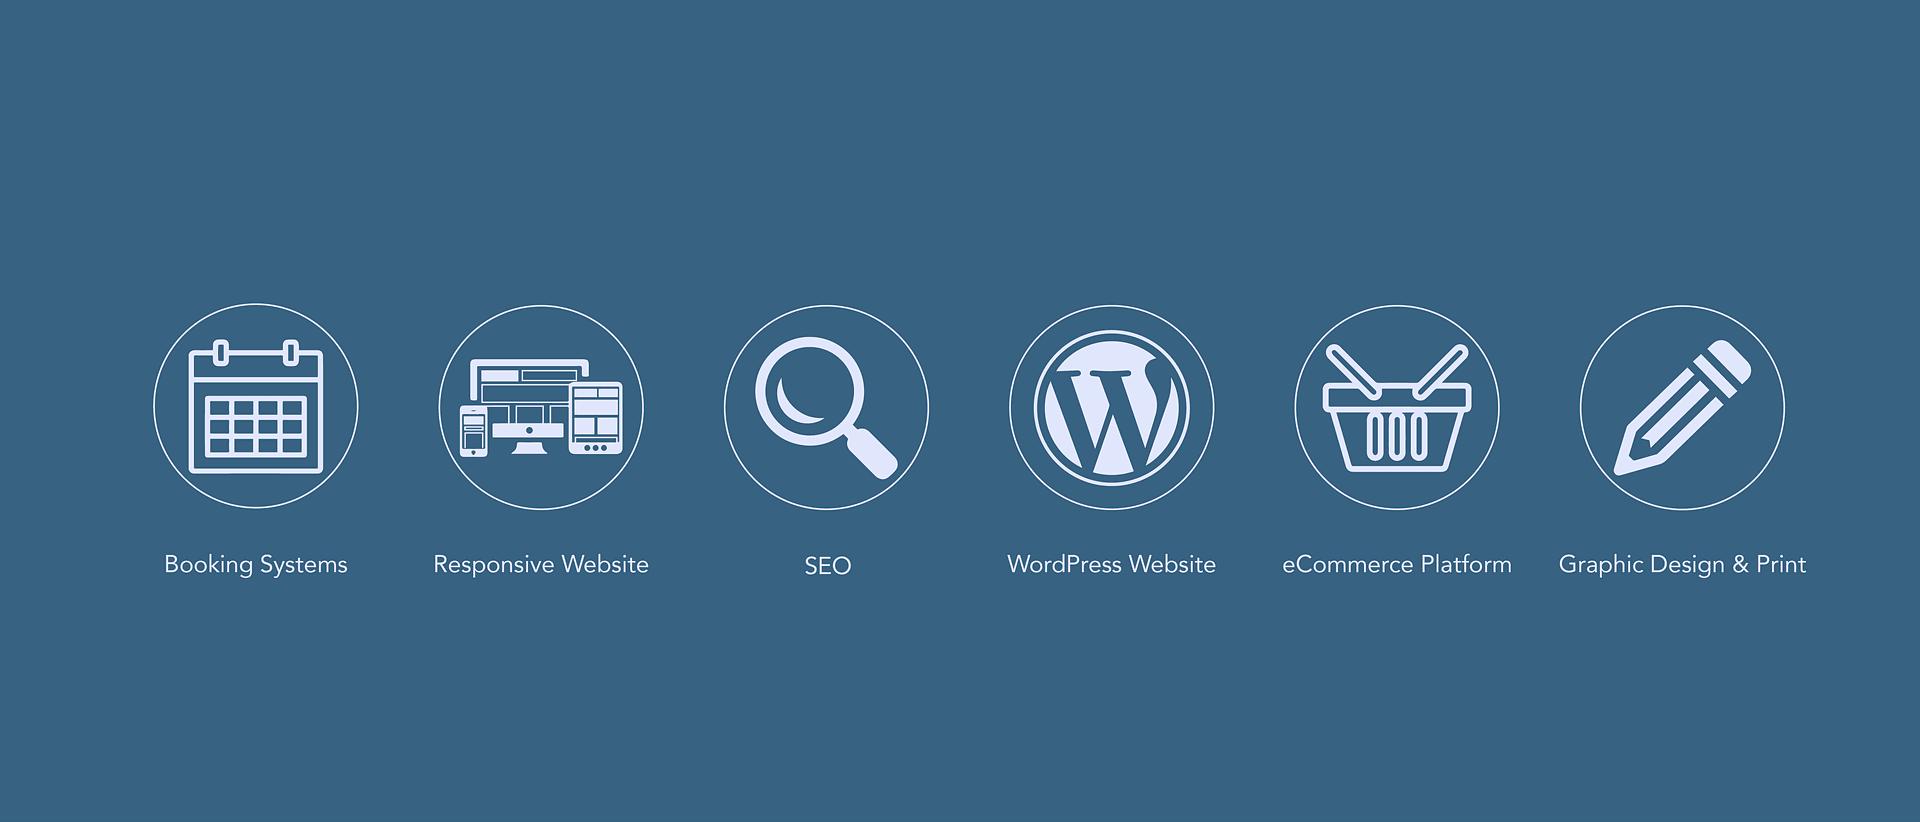 Manfaat Membuat Website Dengan Wordpress - JADIDEWA.COM